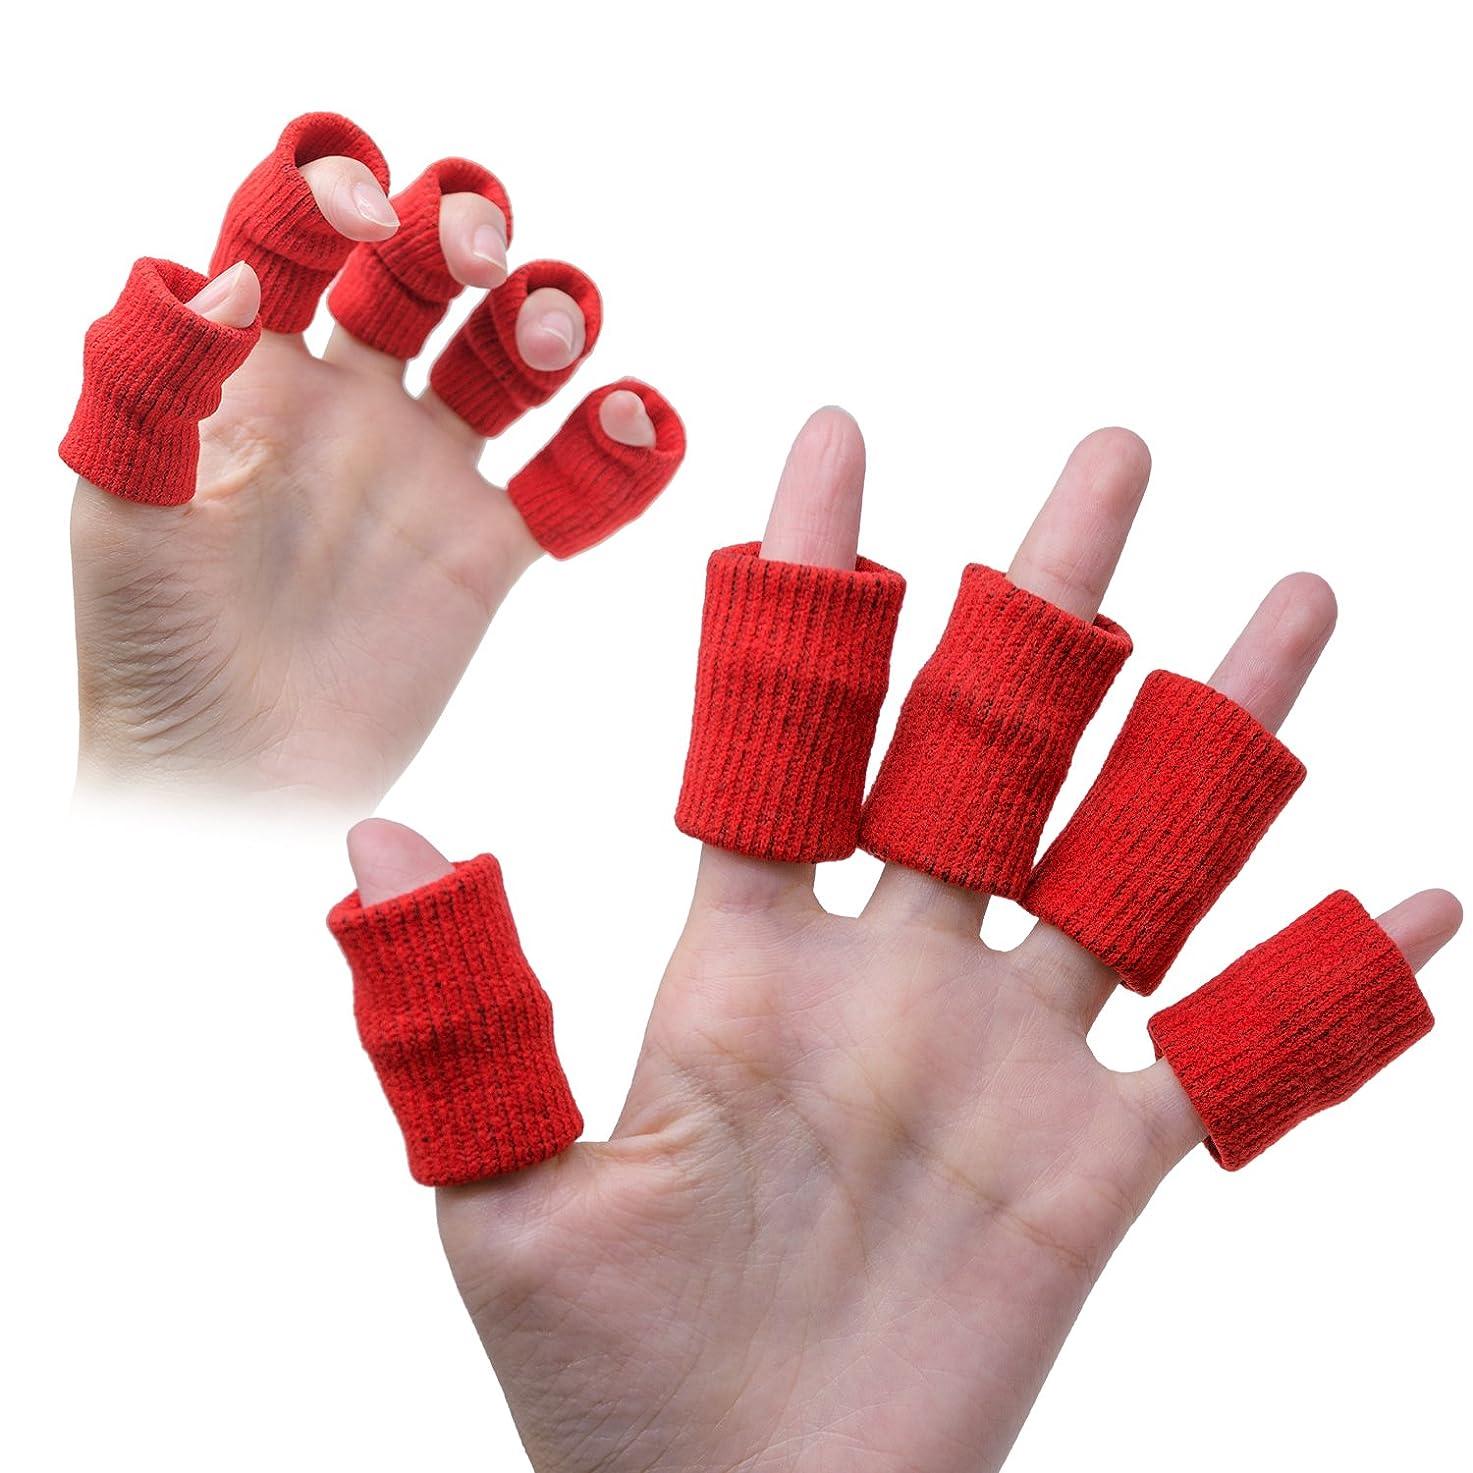 本を読む祝う不道徳Sumifun 親指プロテクター 足指チューブ ? ゲルプロテクター ケア指スリーブ&指先保護は関節炎、硬さ、痛みを緩和する